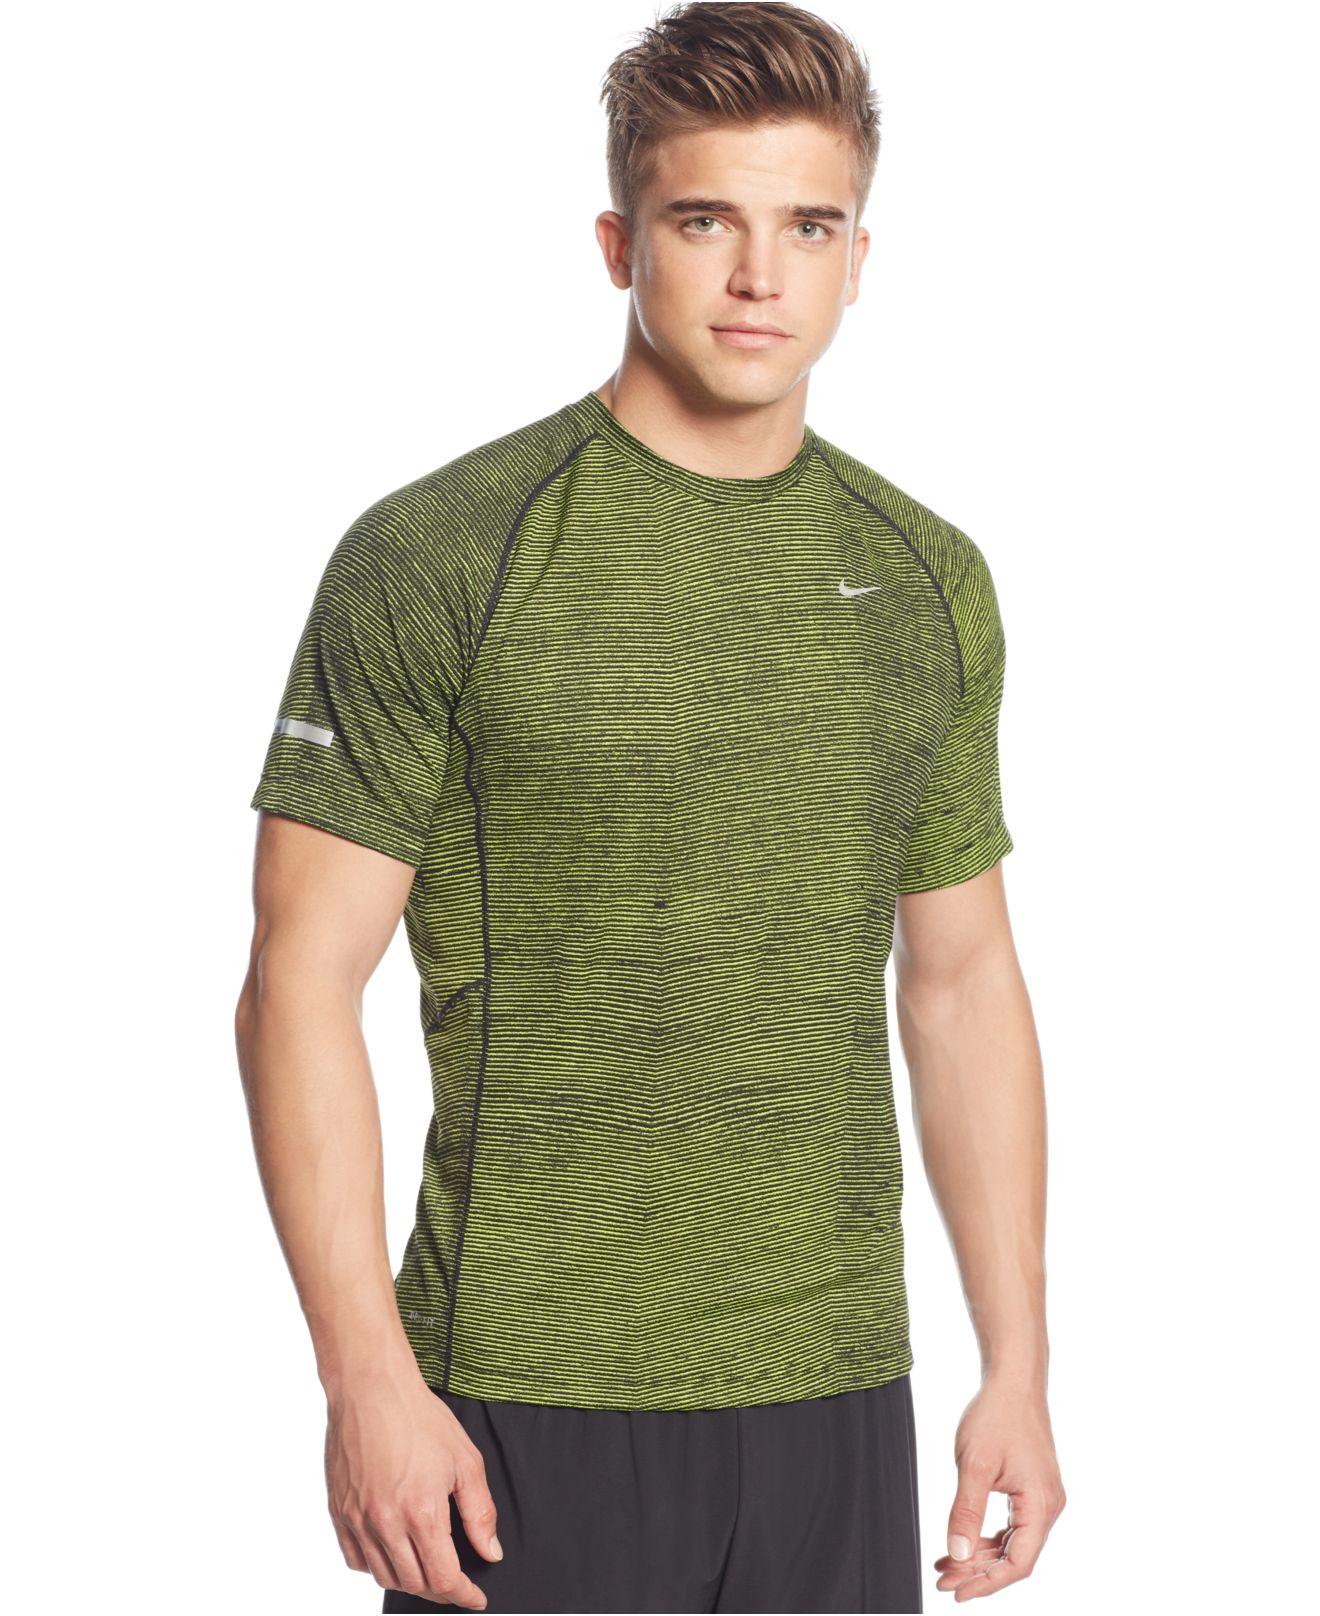 Nike Miler Printed Dri Fit T Shirt In Green For Men Lyst